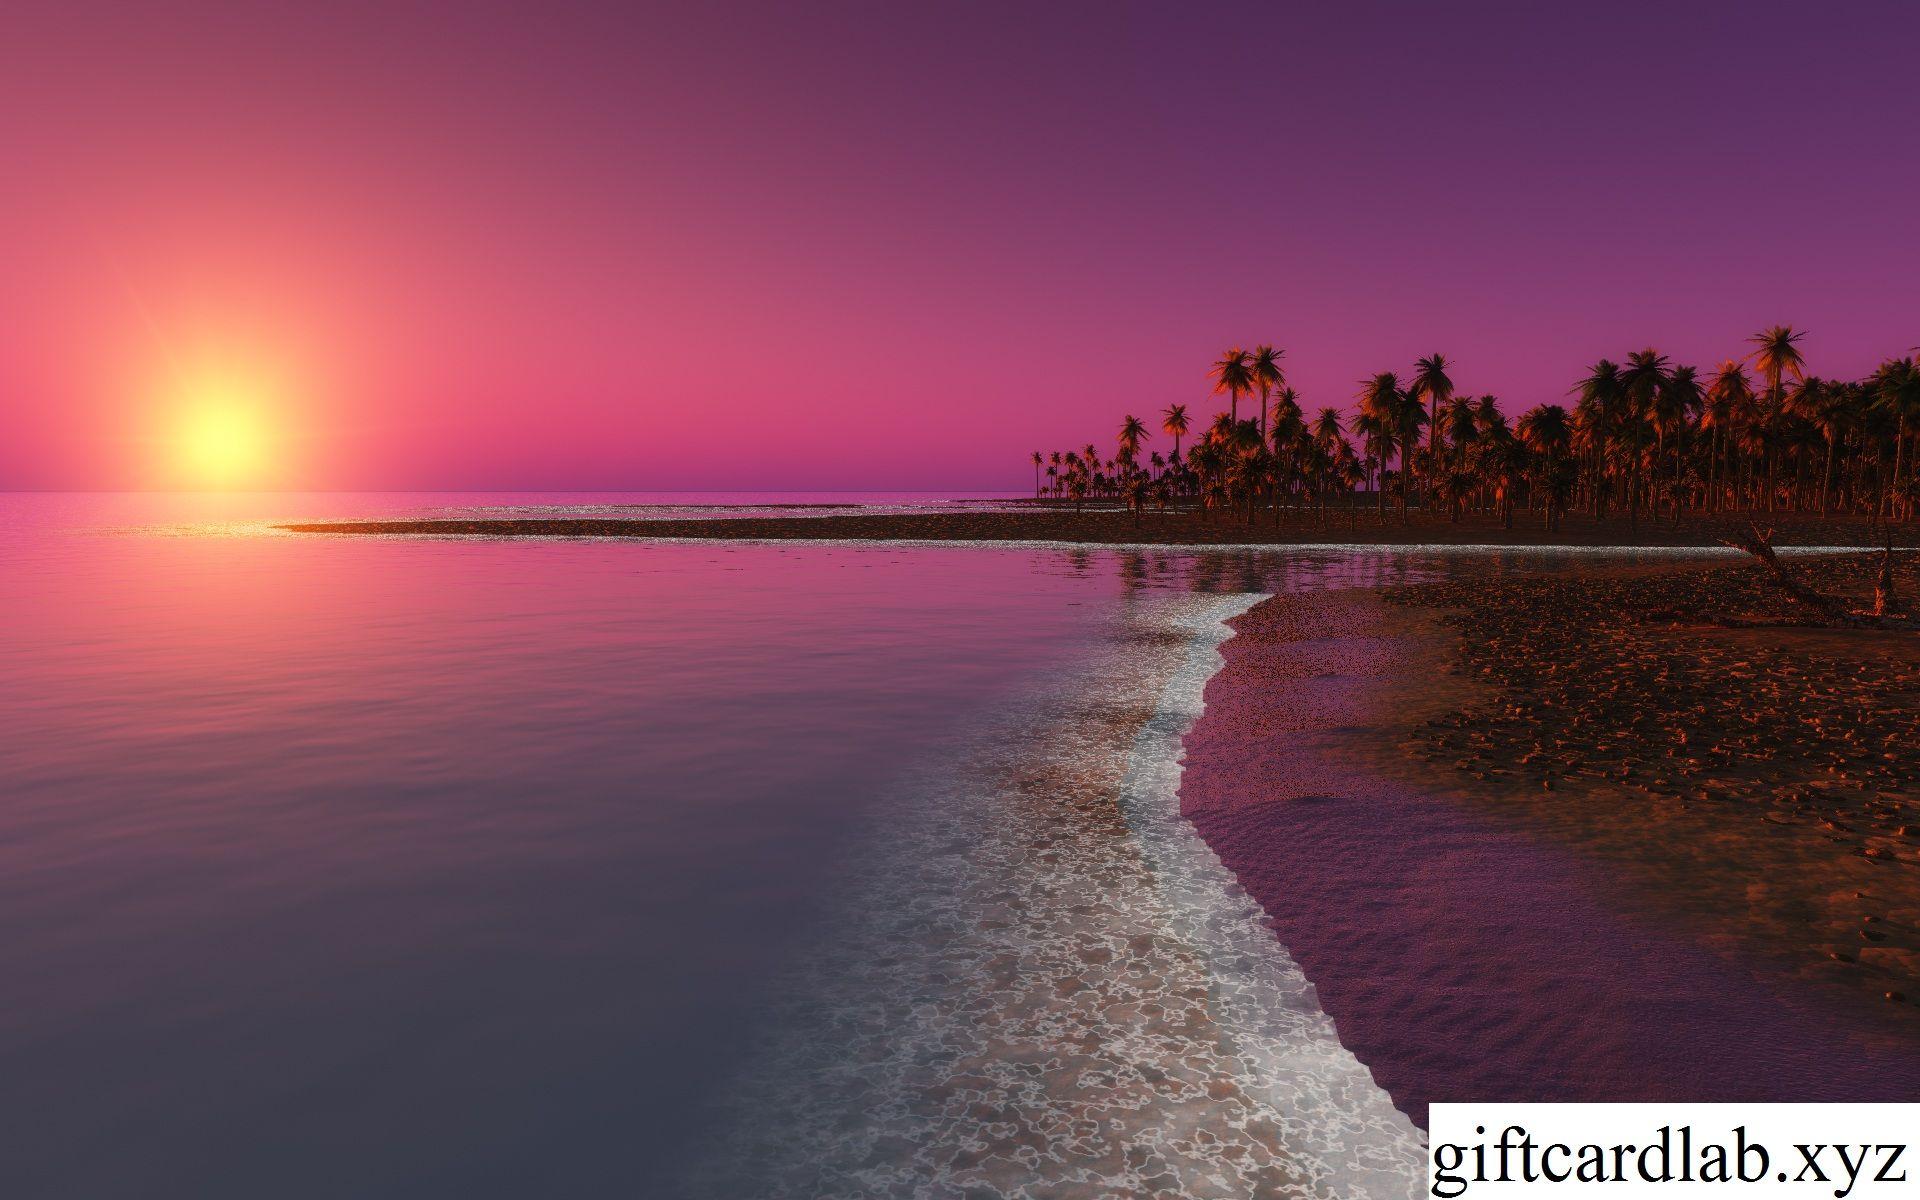 Digital Picture Image Photo Wallpaper JPG Desktop Screensaver Nature Beach